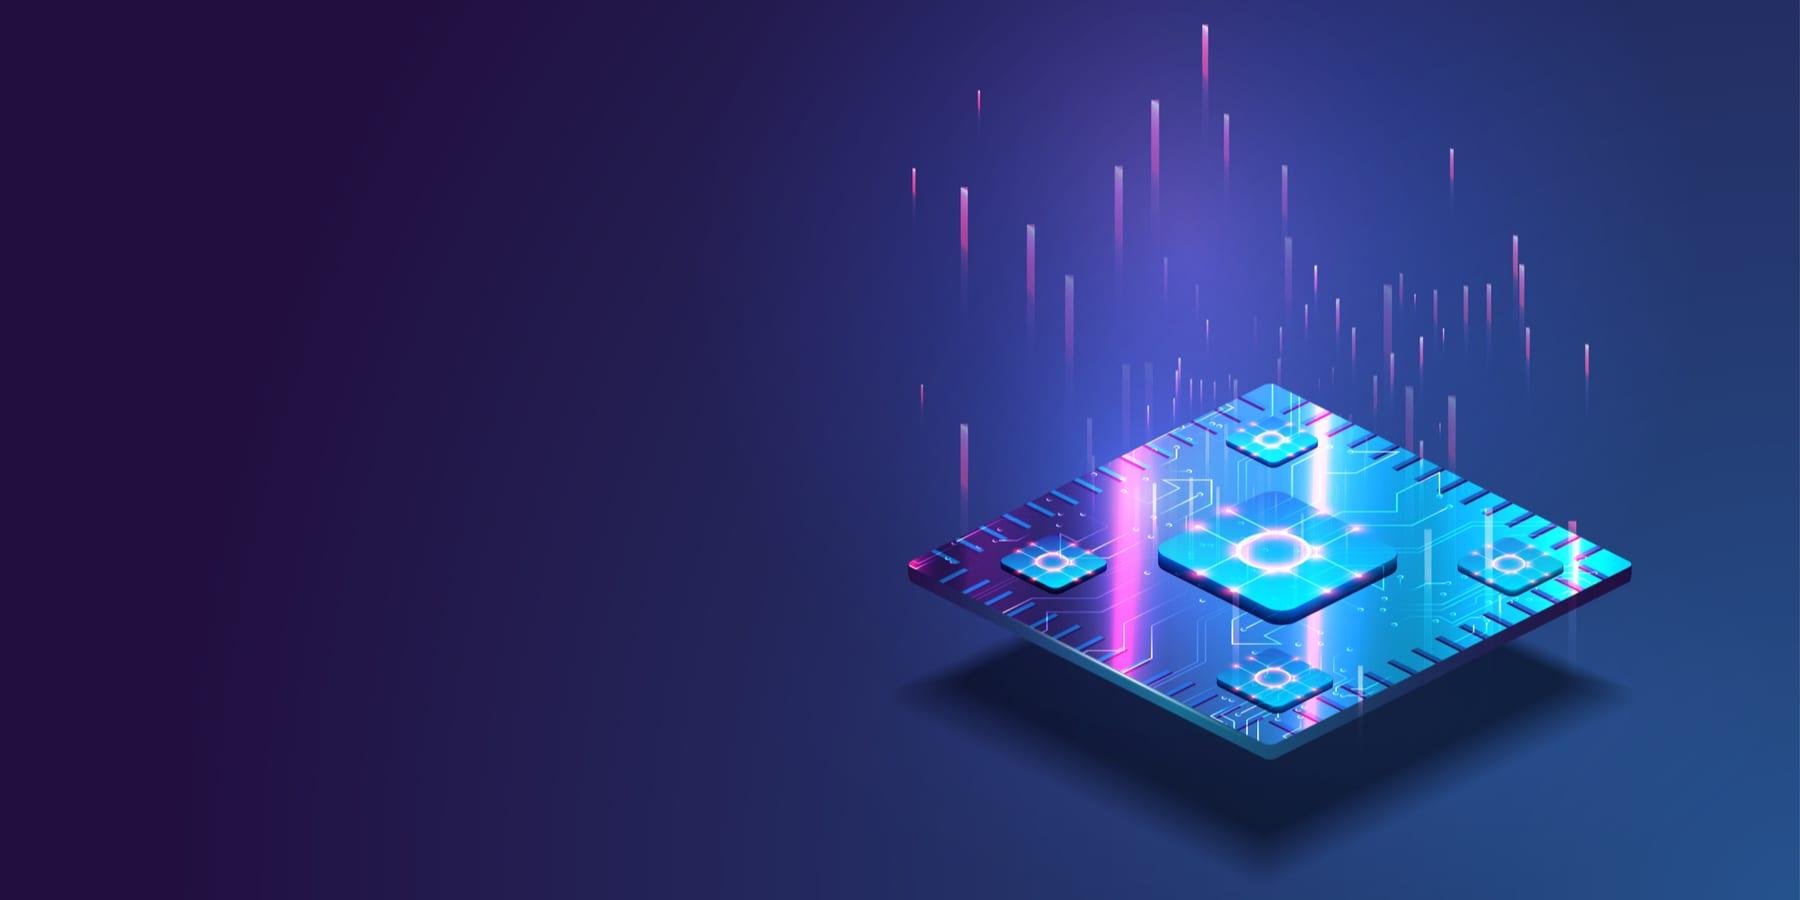 TSMC Aktie Wachstum trotz Corona Krise - Futuristischer Mikrochip mit Licht auf blauem Hintergrund